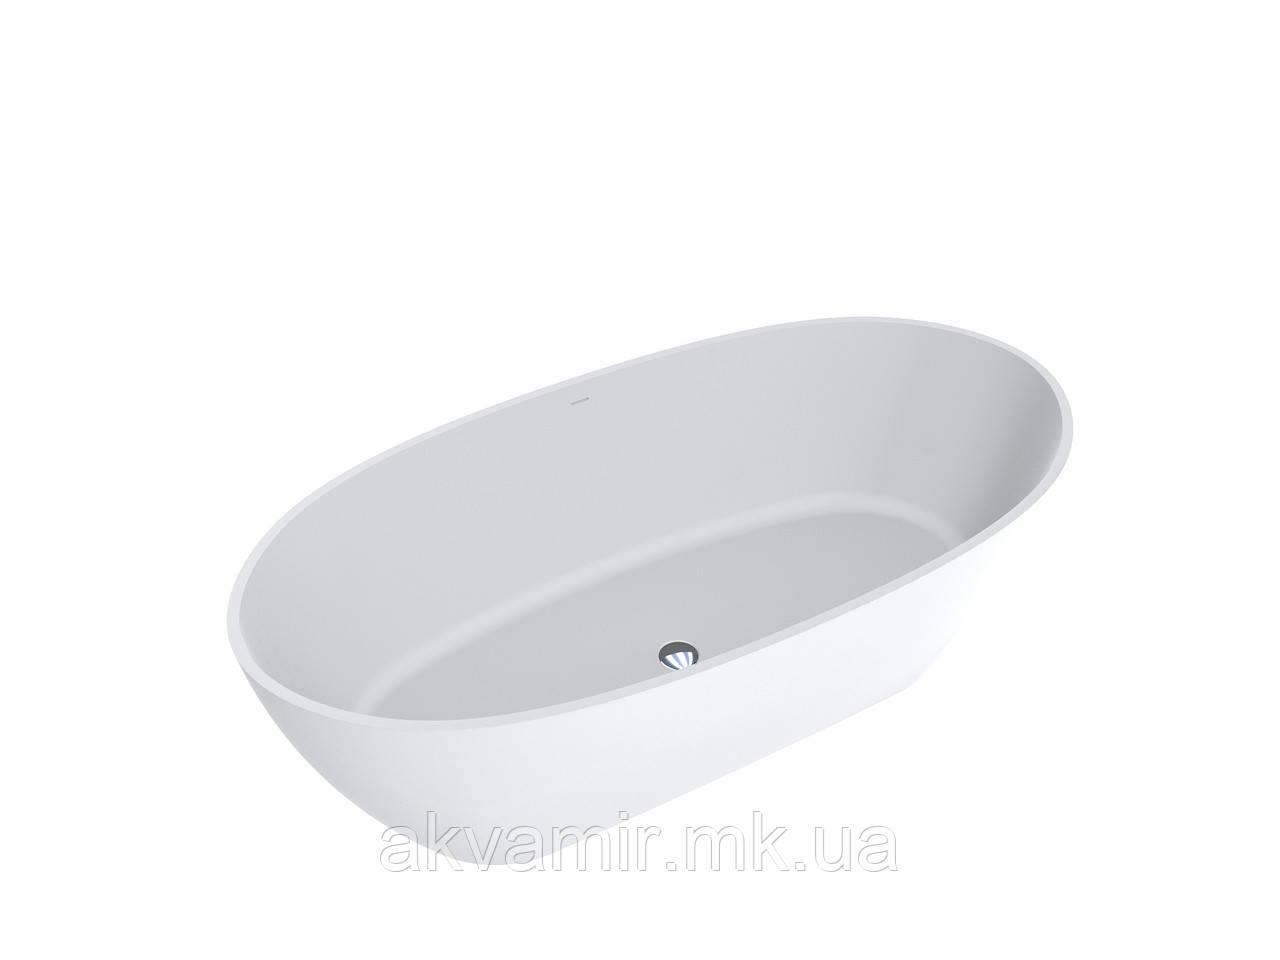 Ванна MIRAGGIO ESTELLA матовая с литого мрамора